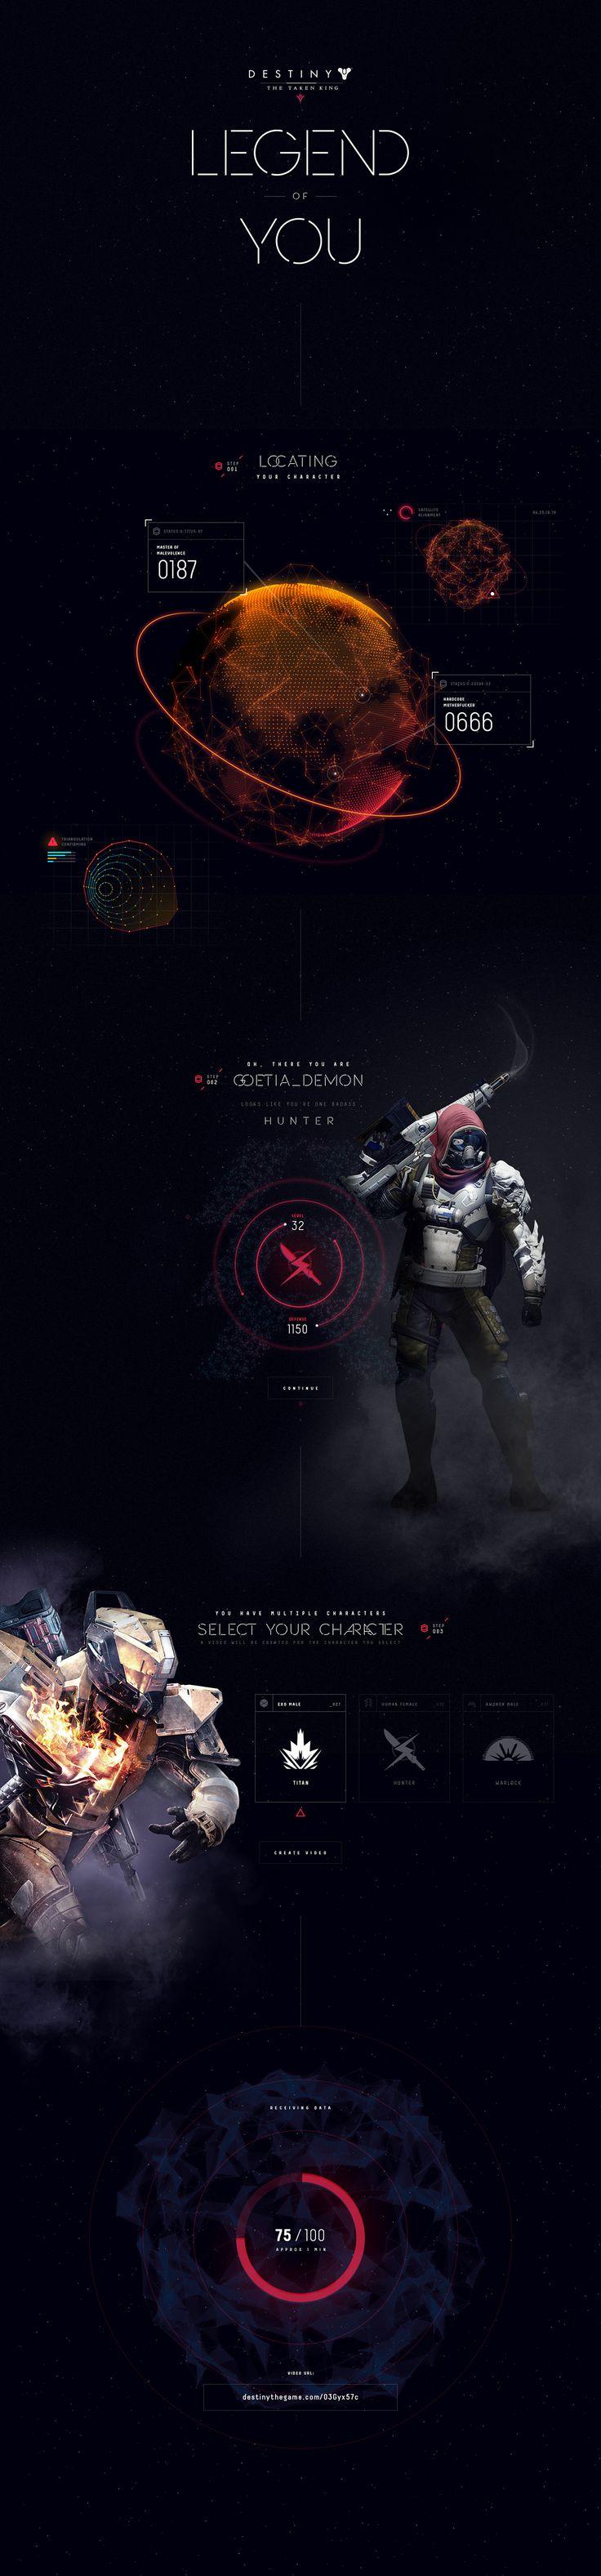 Destiny Legend of You on Web Design Served